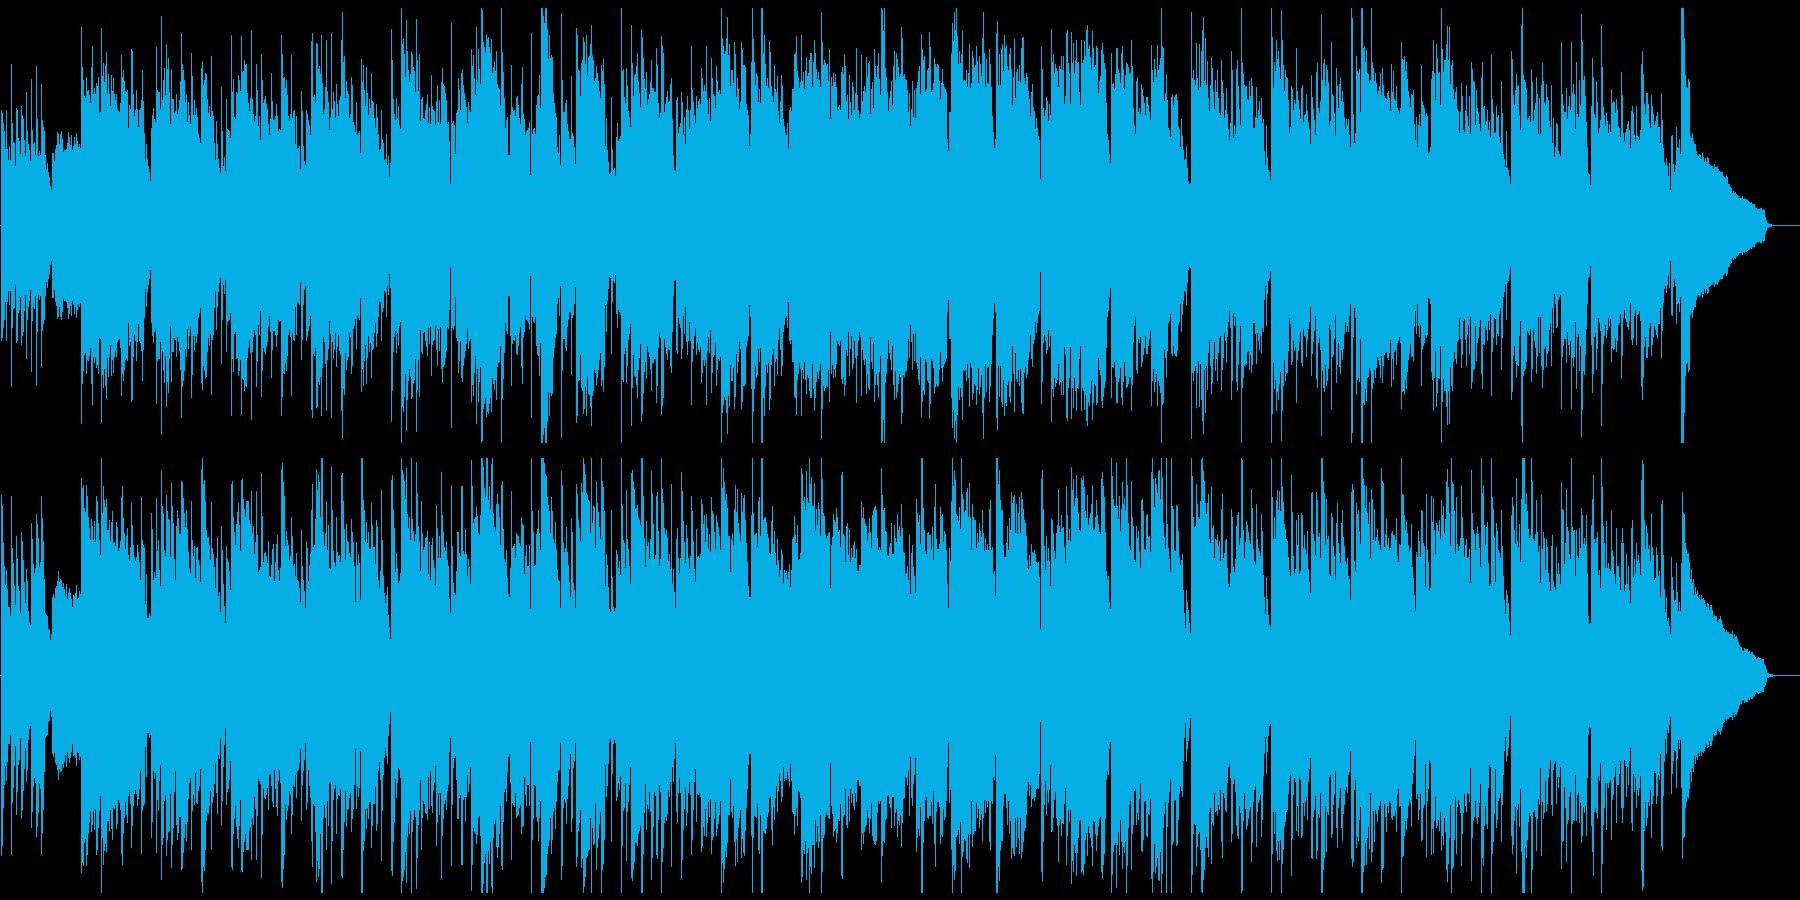 のどかで平和、幻想的な和風曲 篠笛生演奏の再生済みの波形